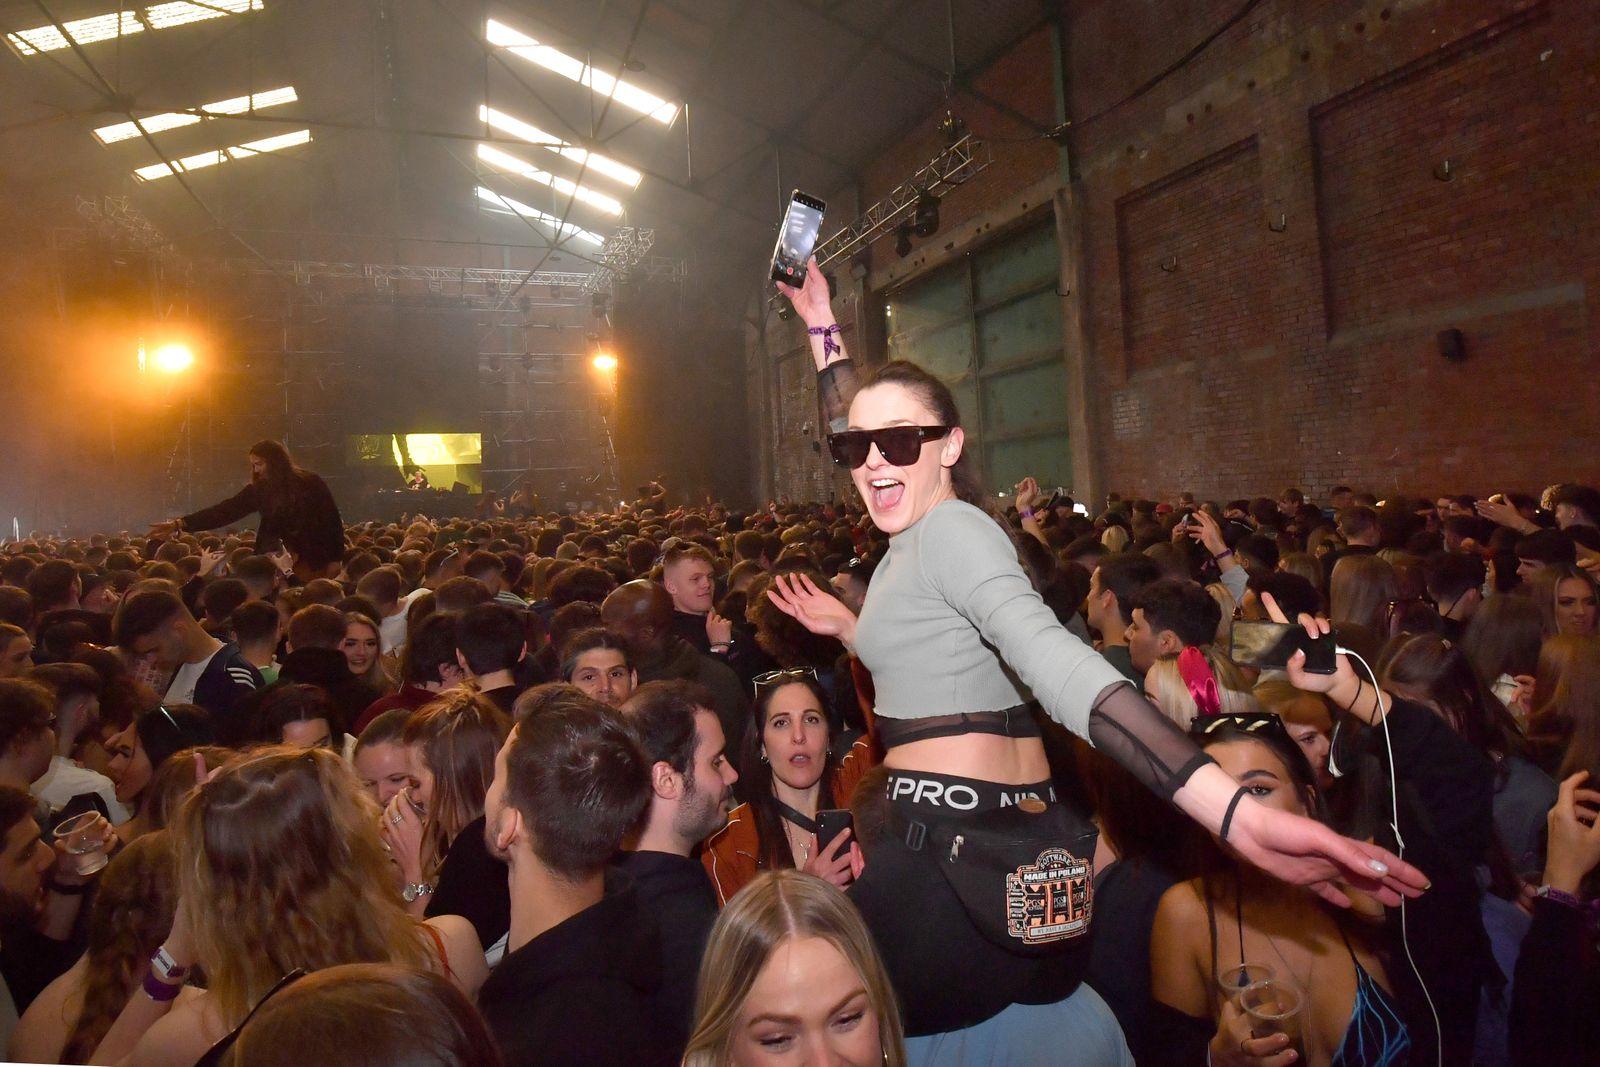 BESTPIX: Liverpool Circus Nightclub - Mass Attendance Pilot